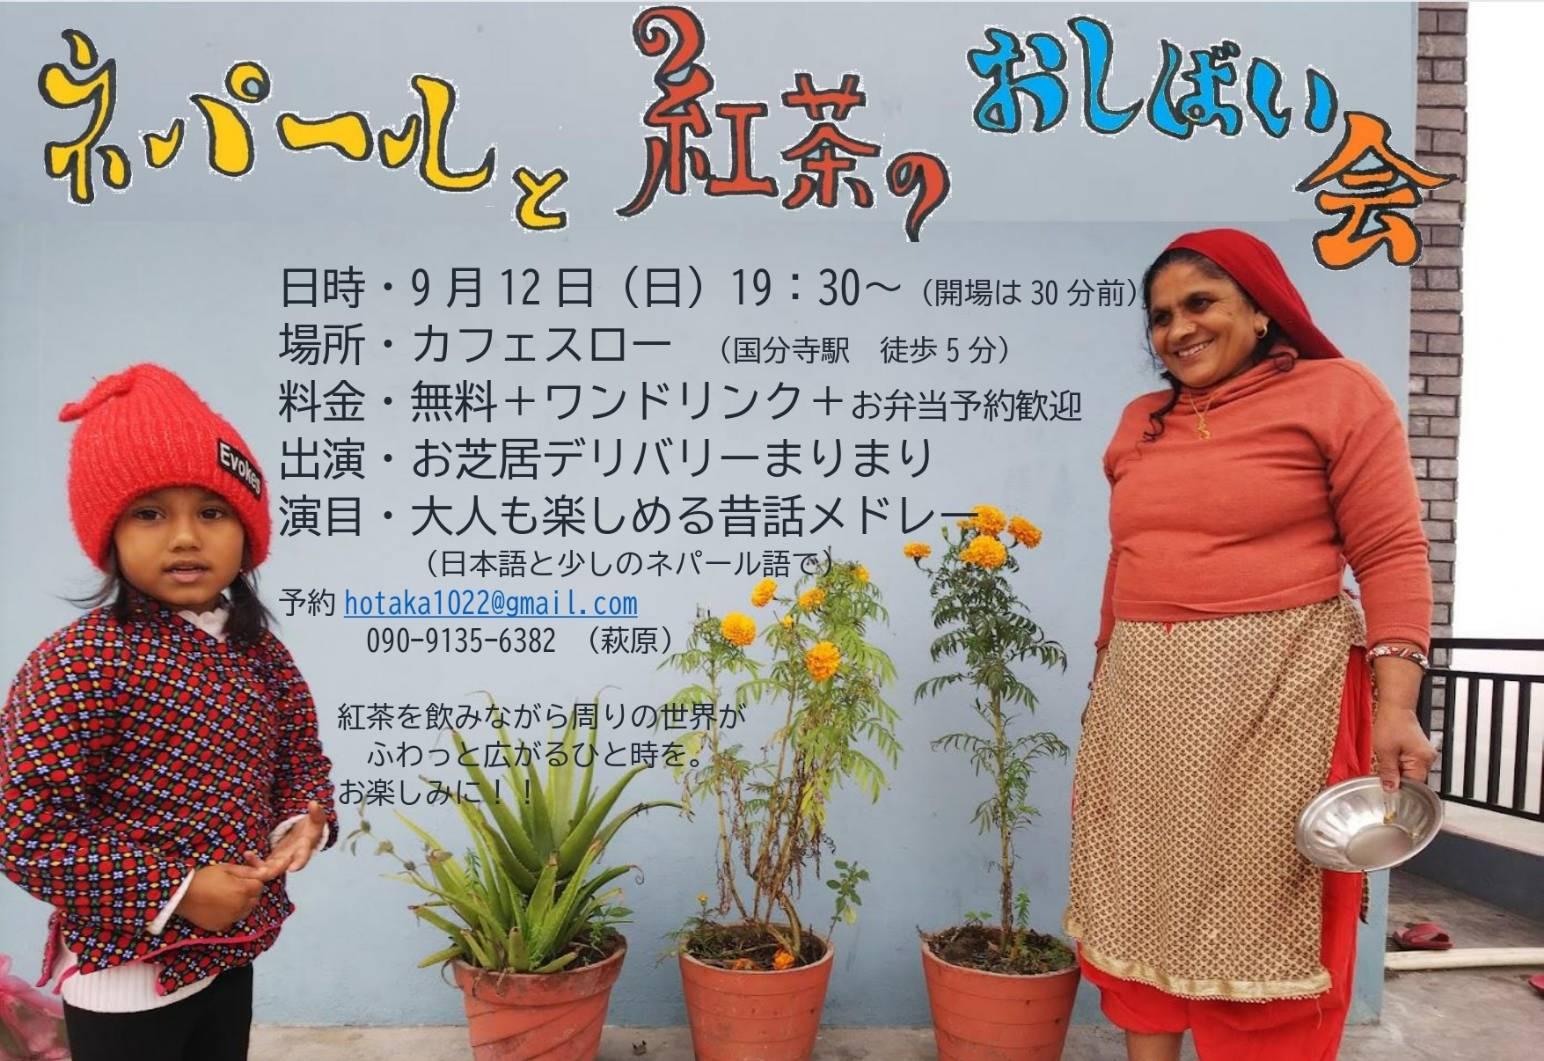 9/12(日) ネパールと紅茶のおしばい会